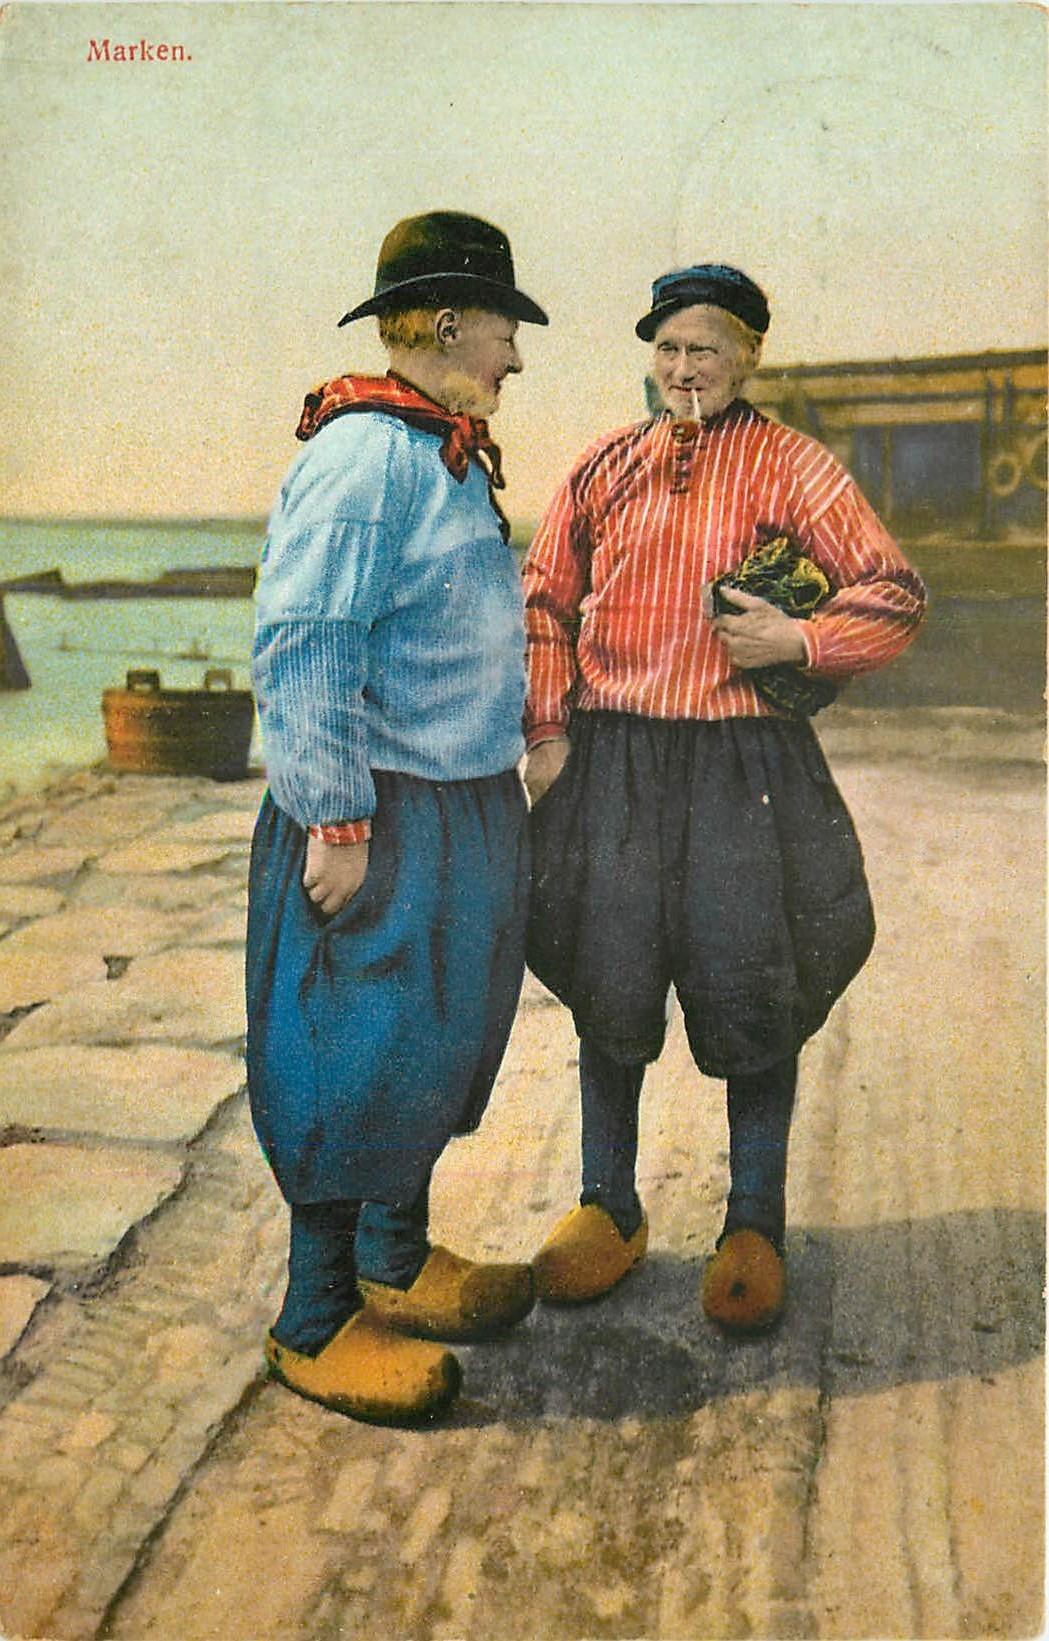 TILBURG. Marken 1911